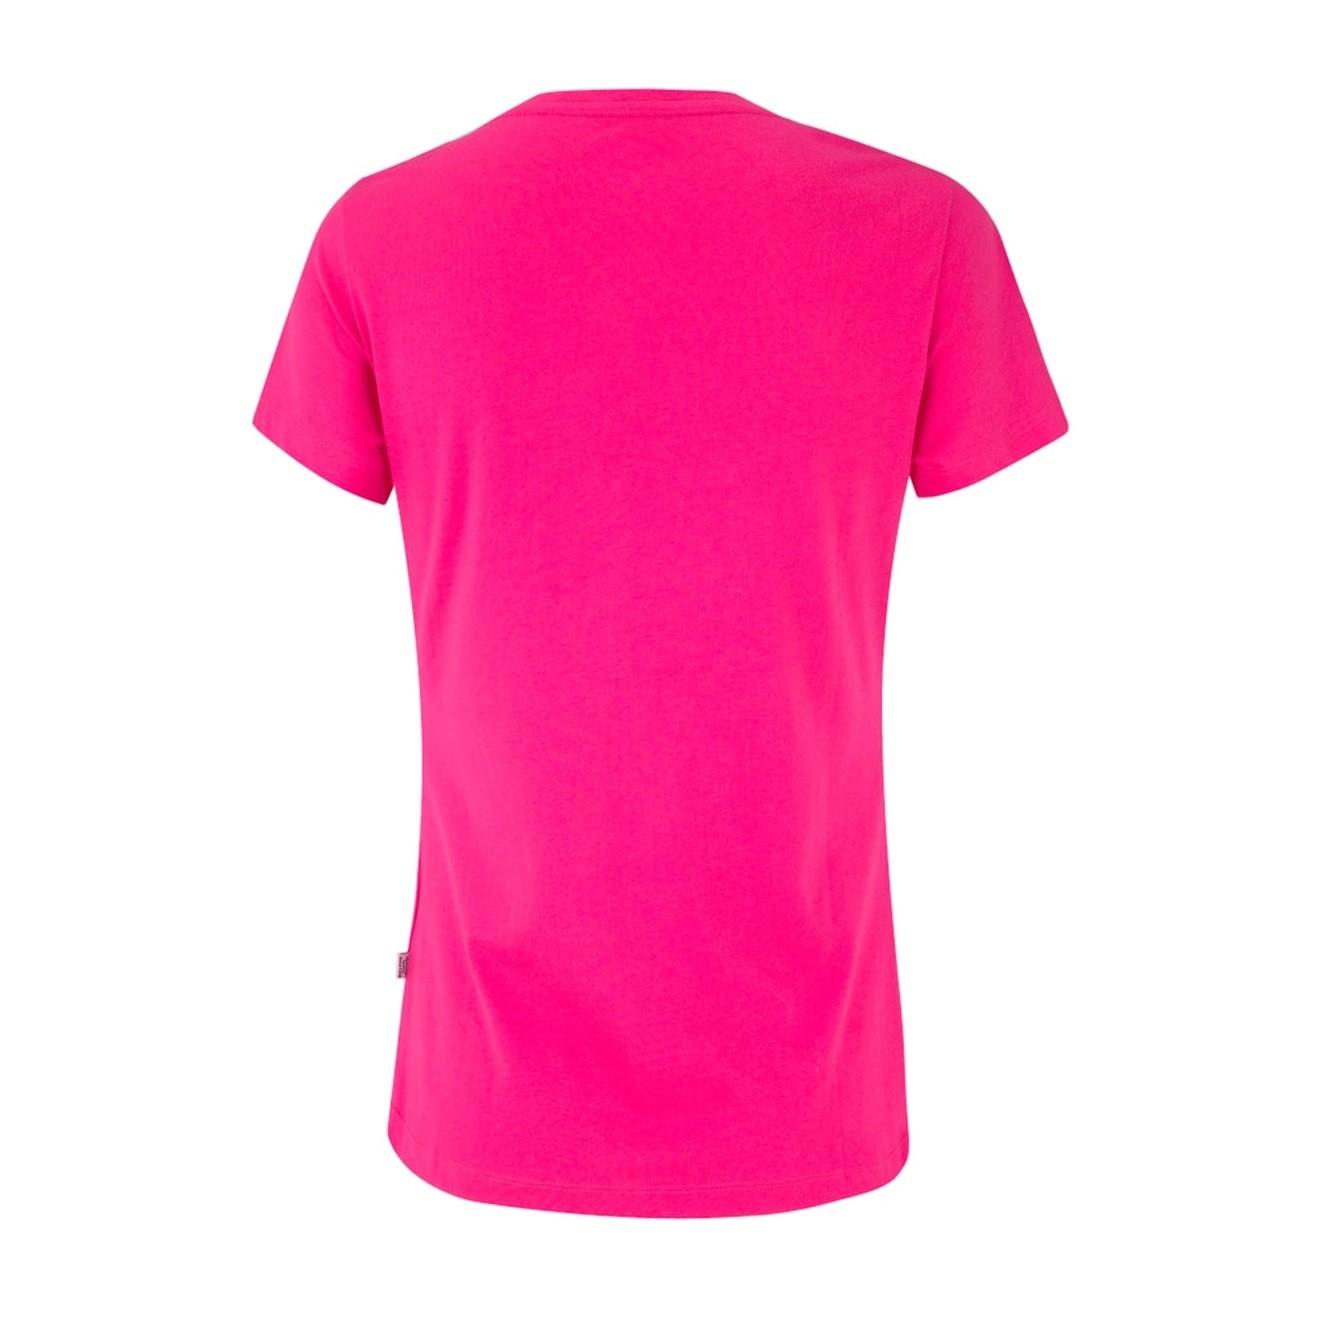 Camiseta Puma Ess Tee Feminina Pink